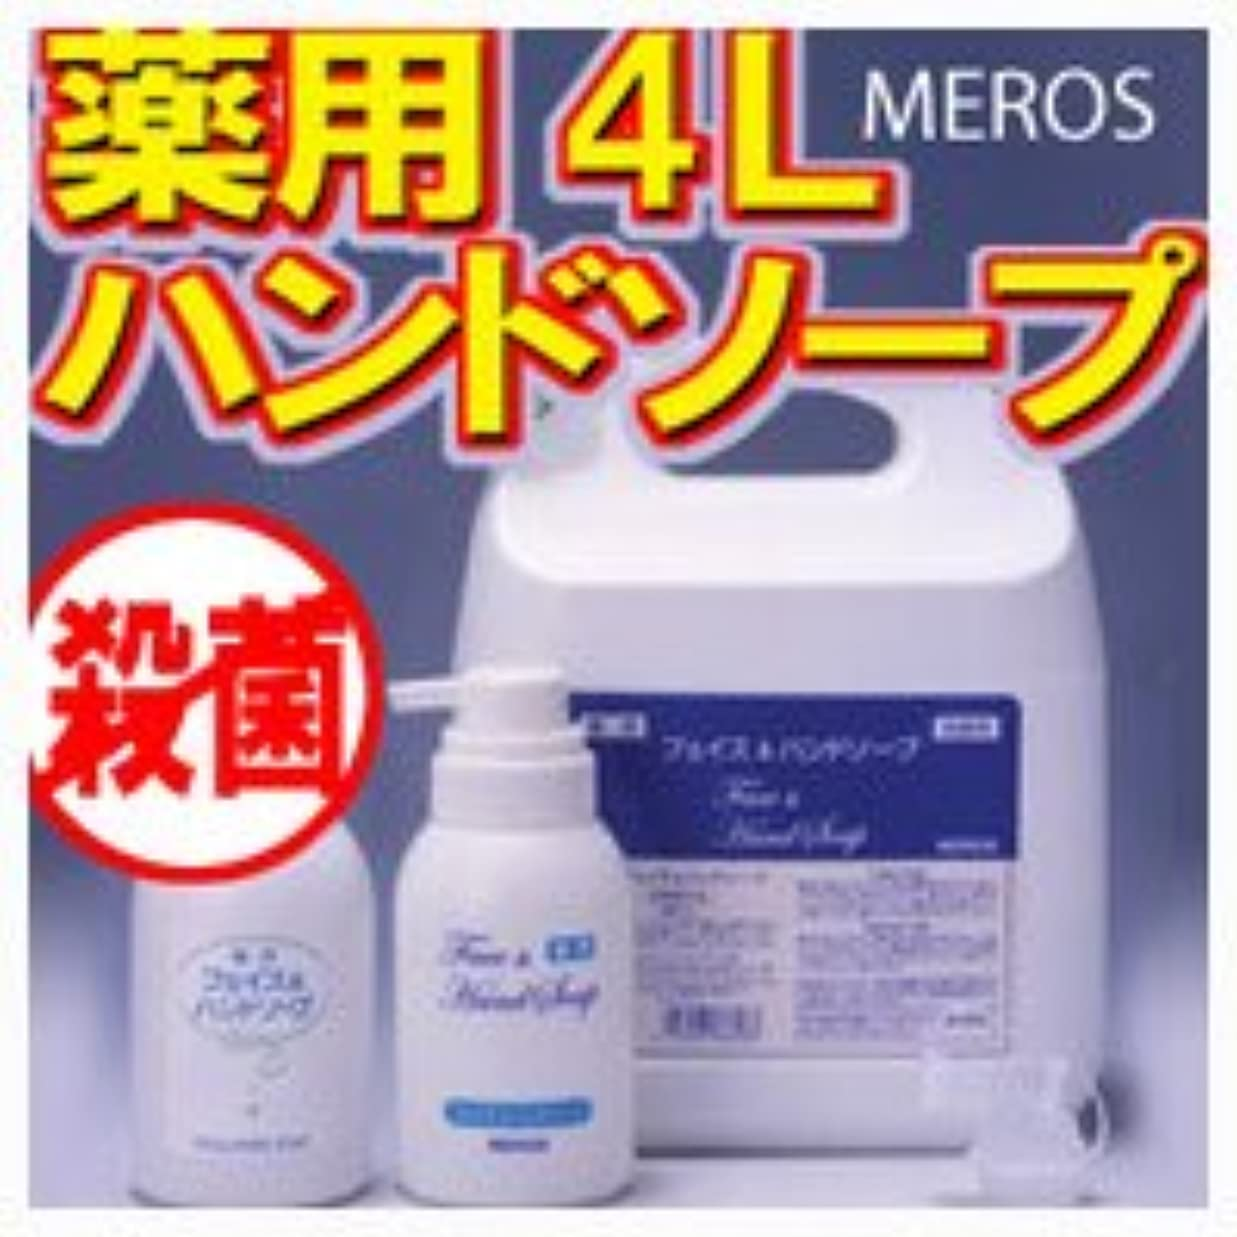 ショルダーかんがい腐敗メロス 薬用ハンドソープ 4L 【泡ポンプボトル付き】